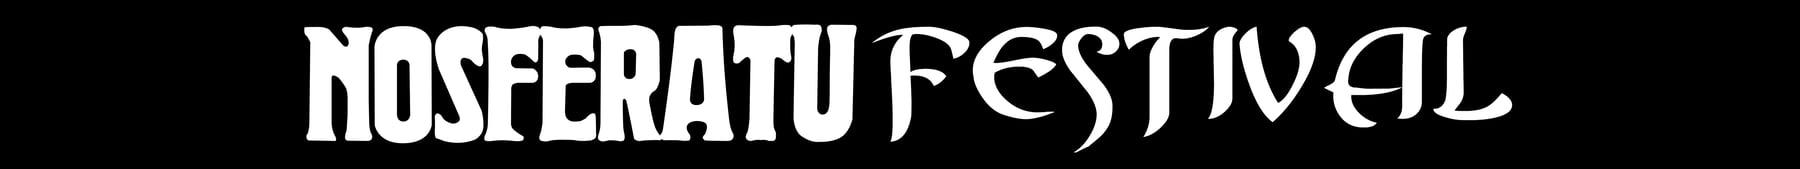 Nosferatu Fest